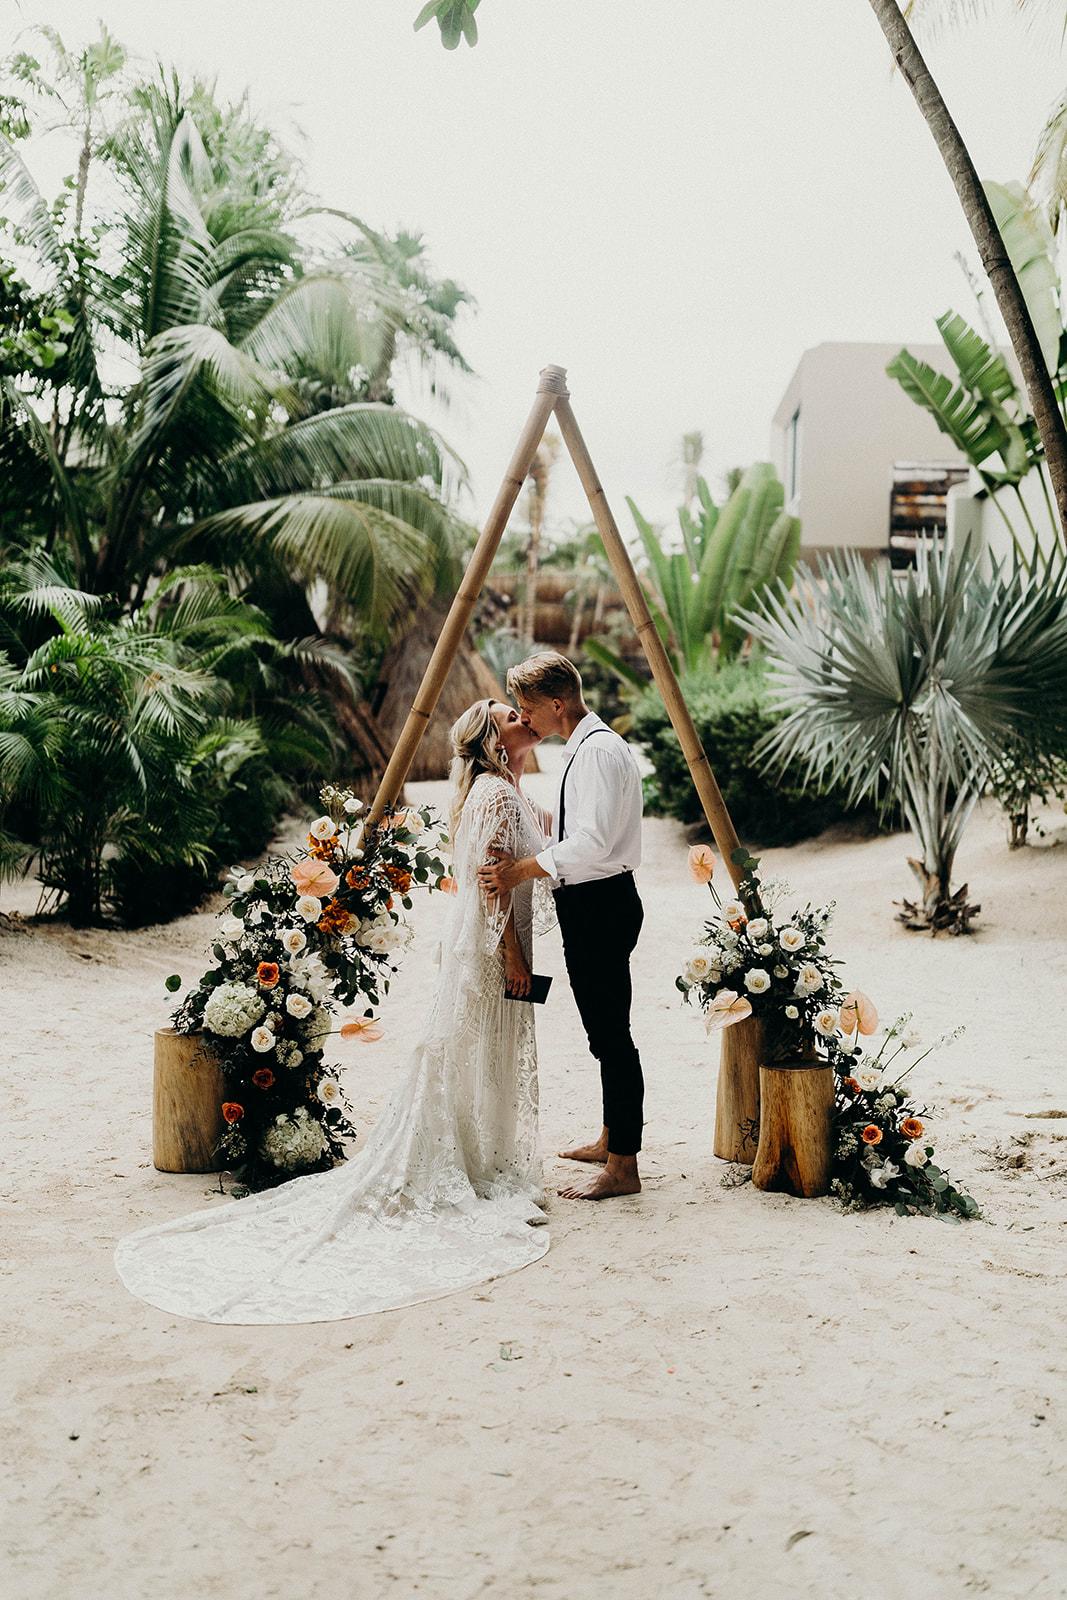 Bruiloft in het buitenland op het strand van Tulum